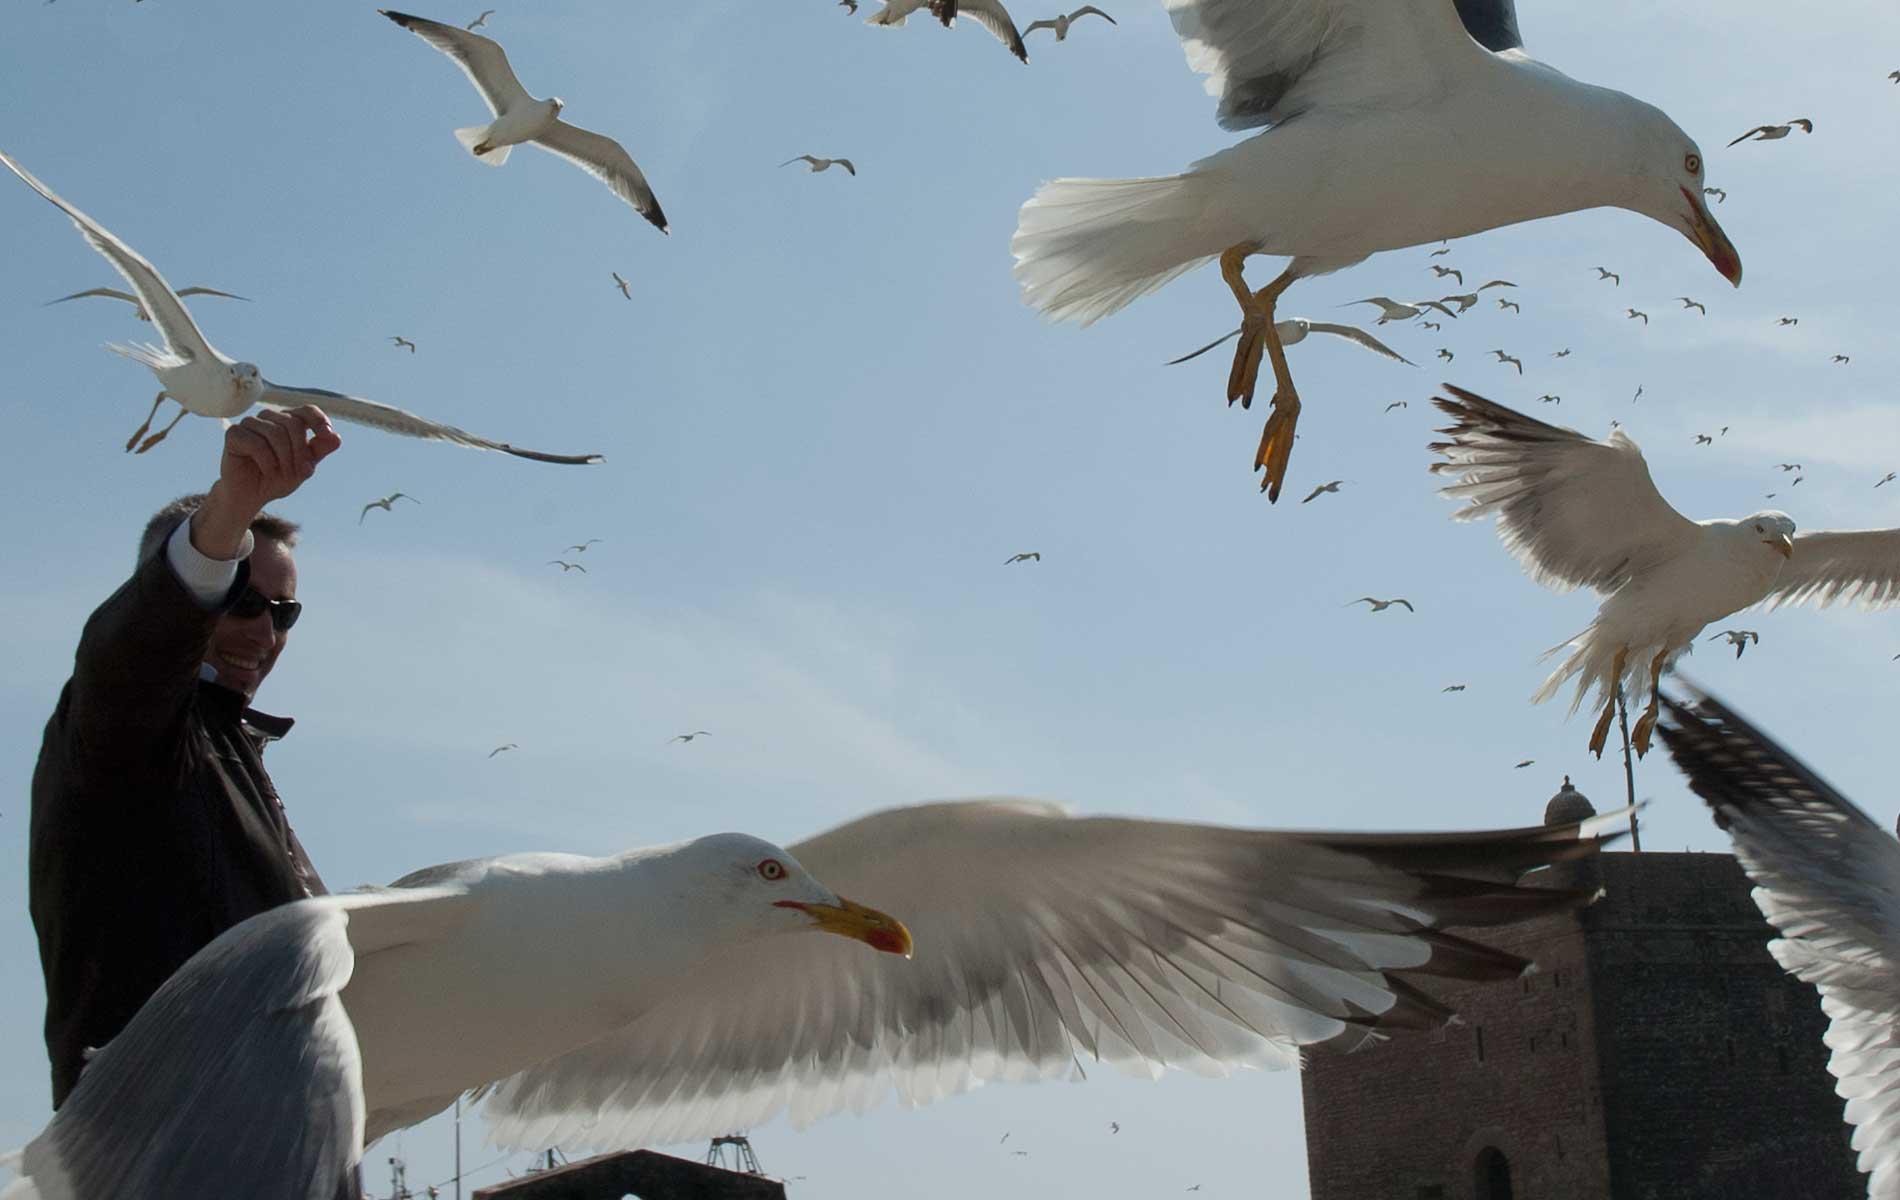 MOROCCO - Essaouira - A Big Hug from a Seagull - © Graziano Villa